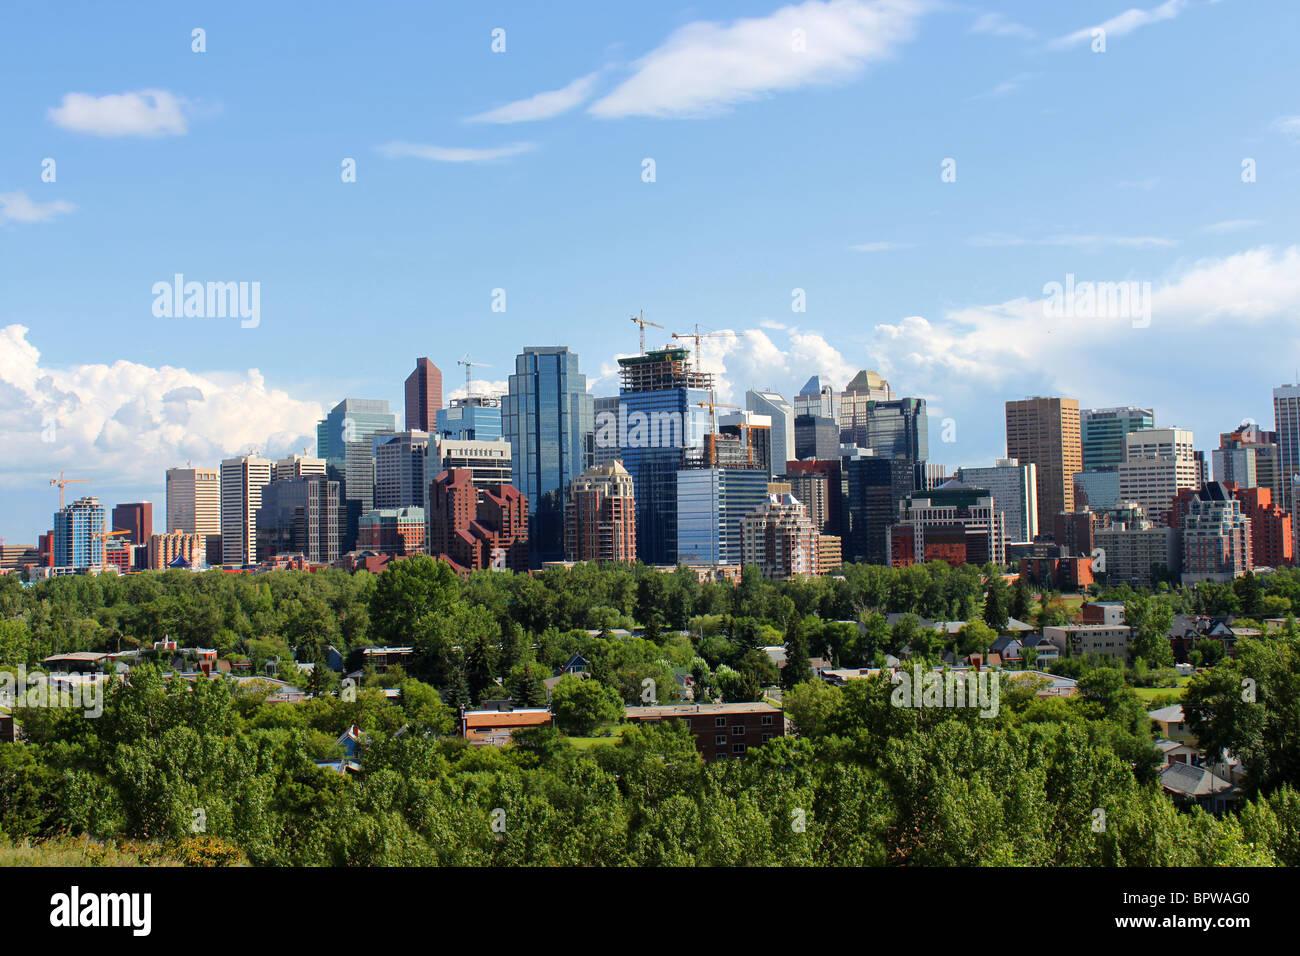 Skyline Blick auf Hochhaus Büro- und Wohnhäuser in Calgary, Alberta, Kanada mit viel Grün im Vordergrund Stockbild